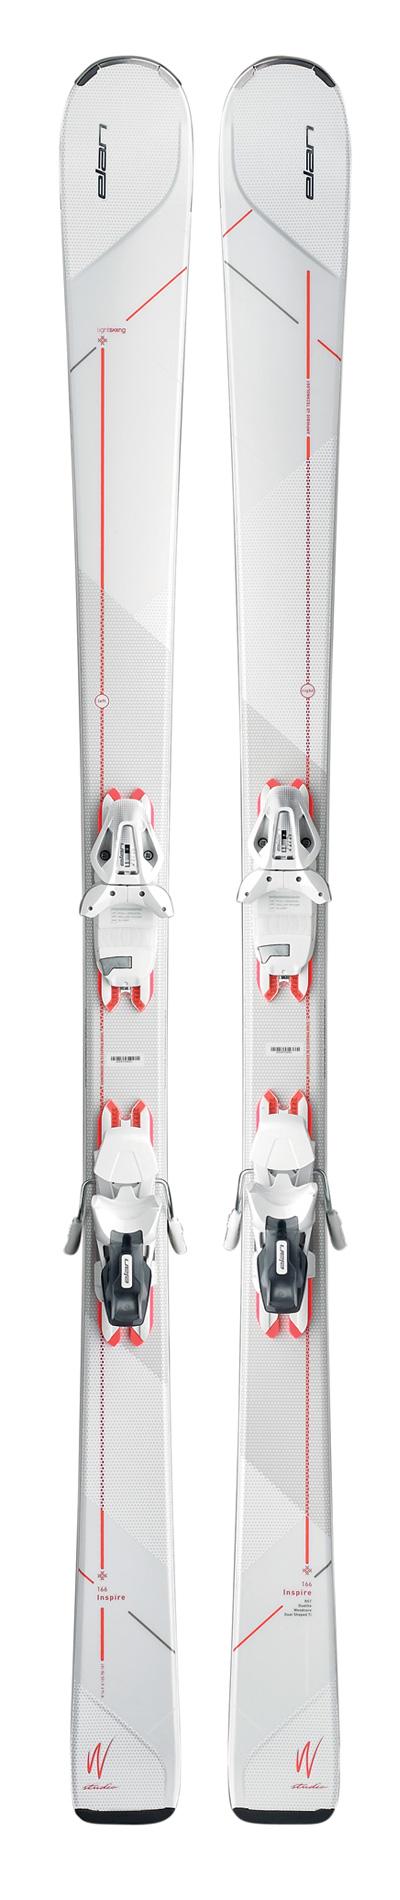 Горные лыжи с креплениями Elan 2016-17 INSPIRE PS ELW 10.0